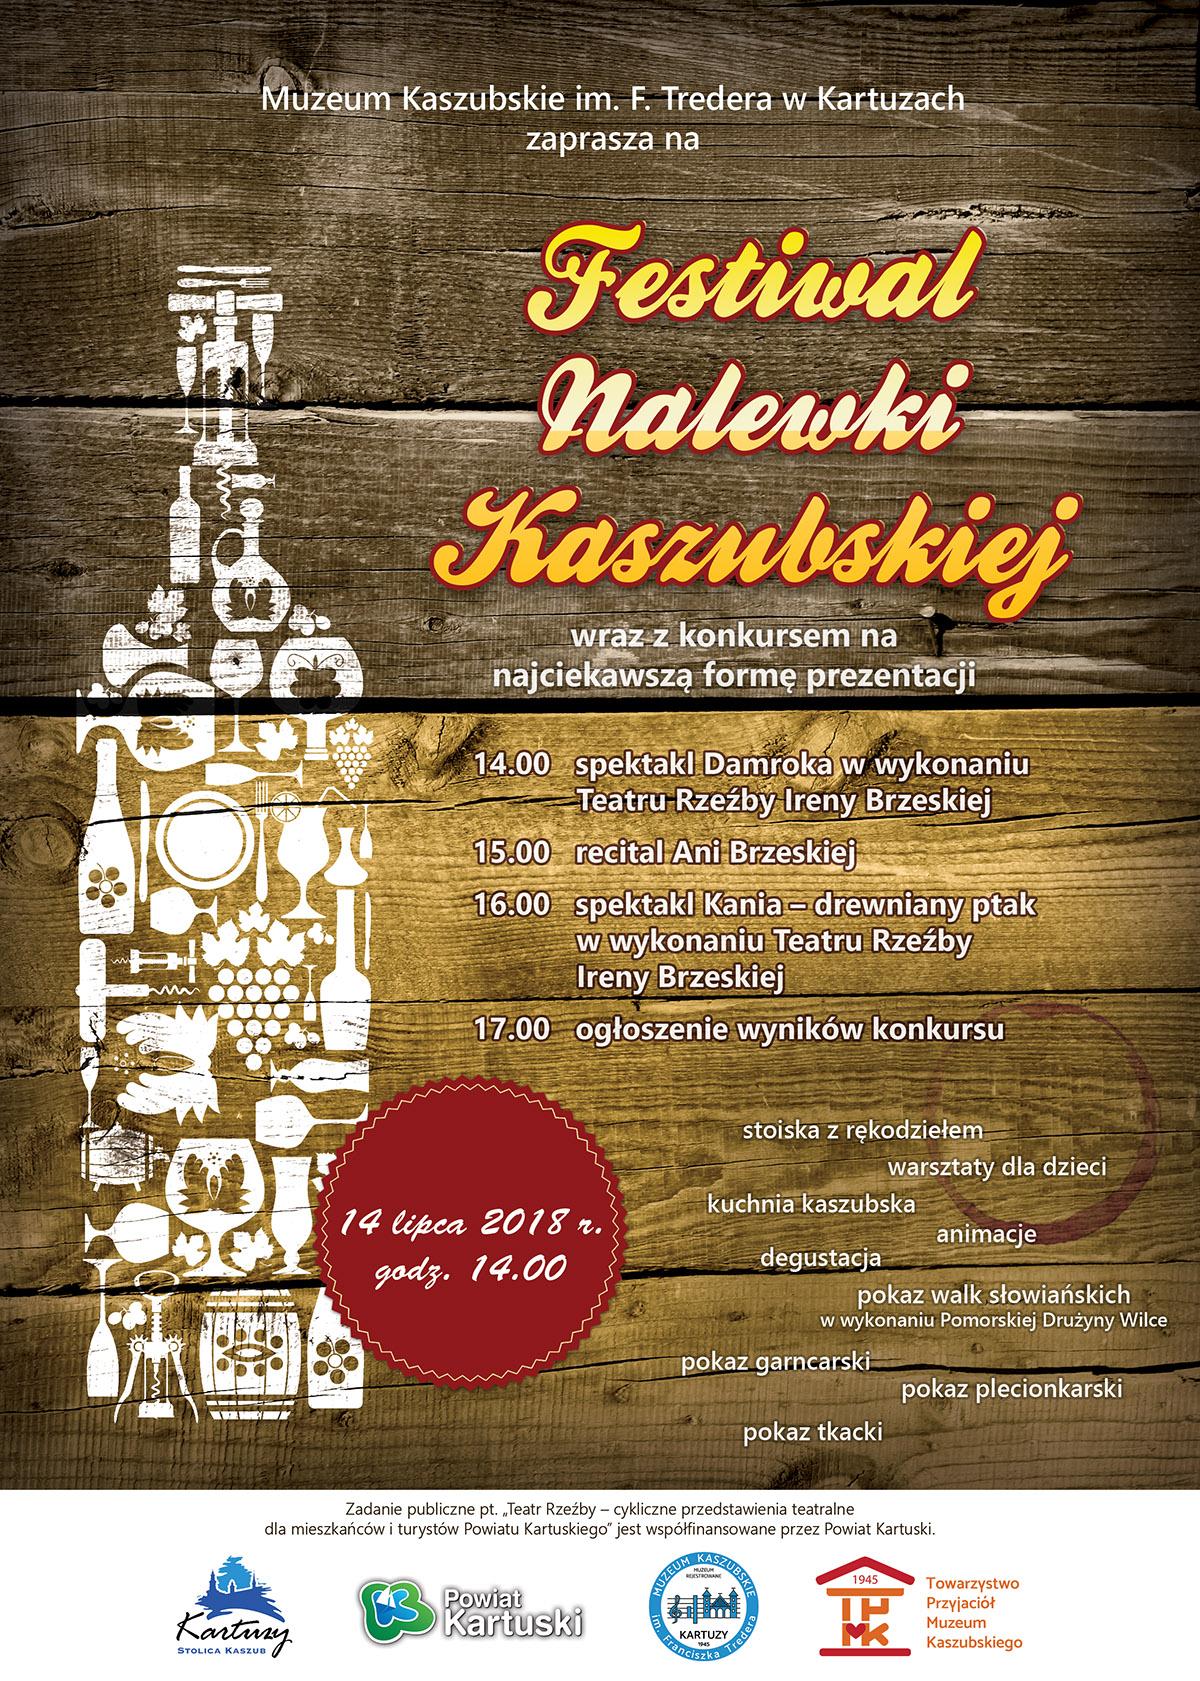 Festiwal Nalewki Kaszubskiej - Kartuzy